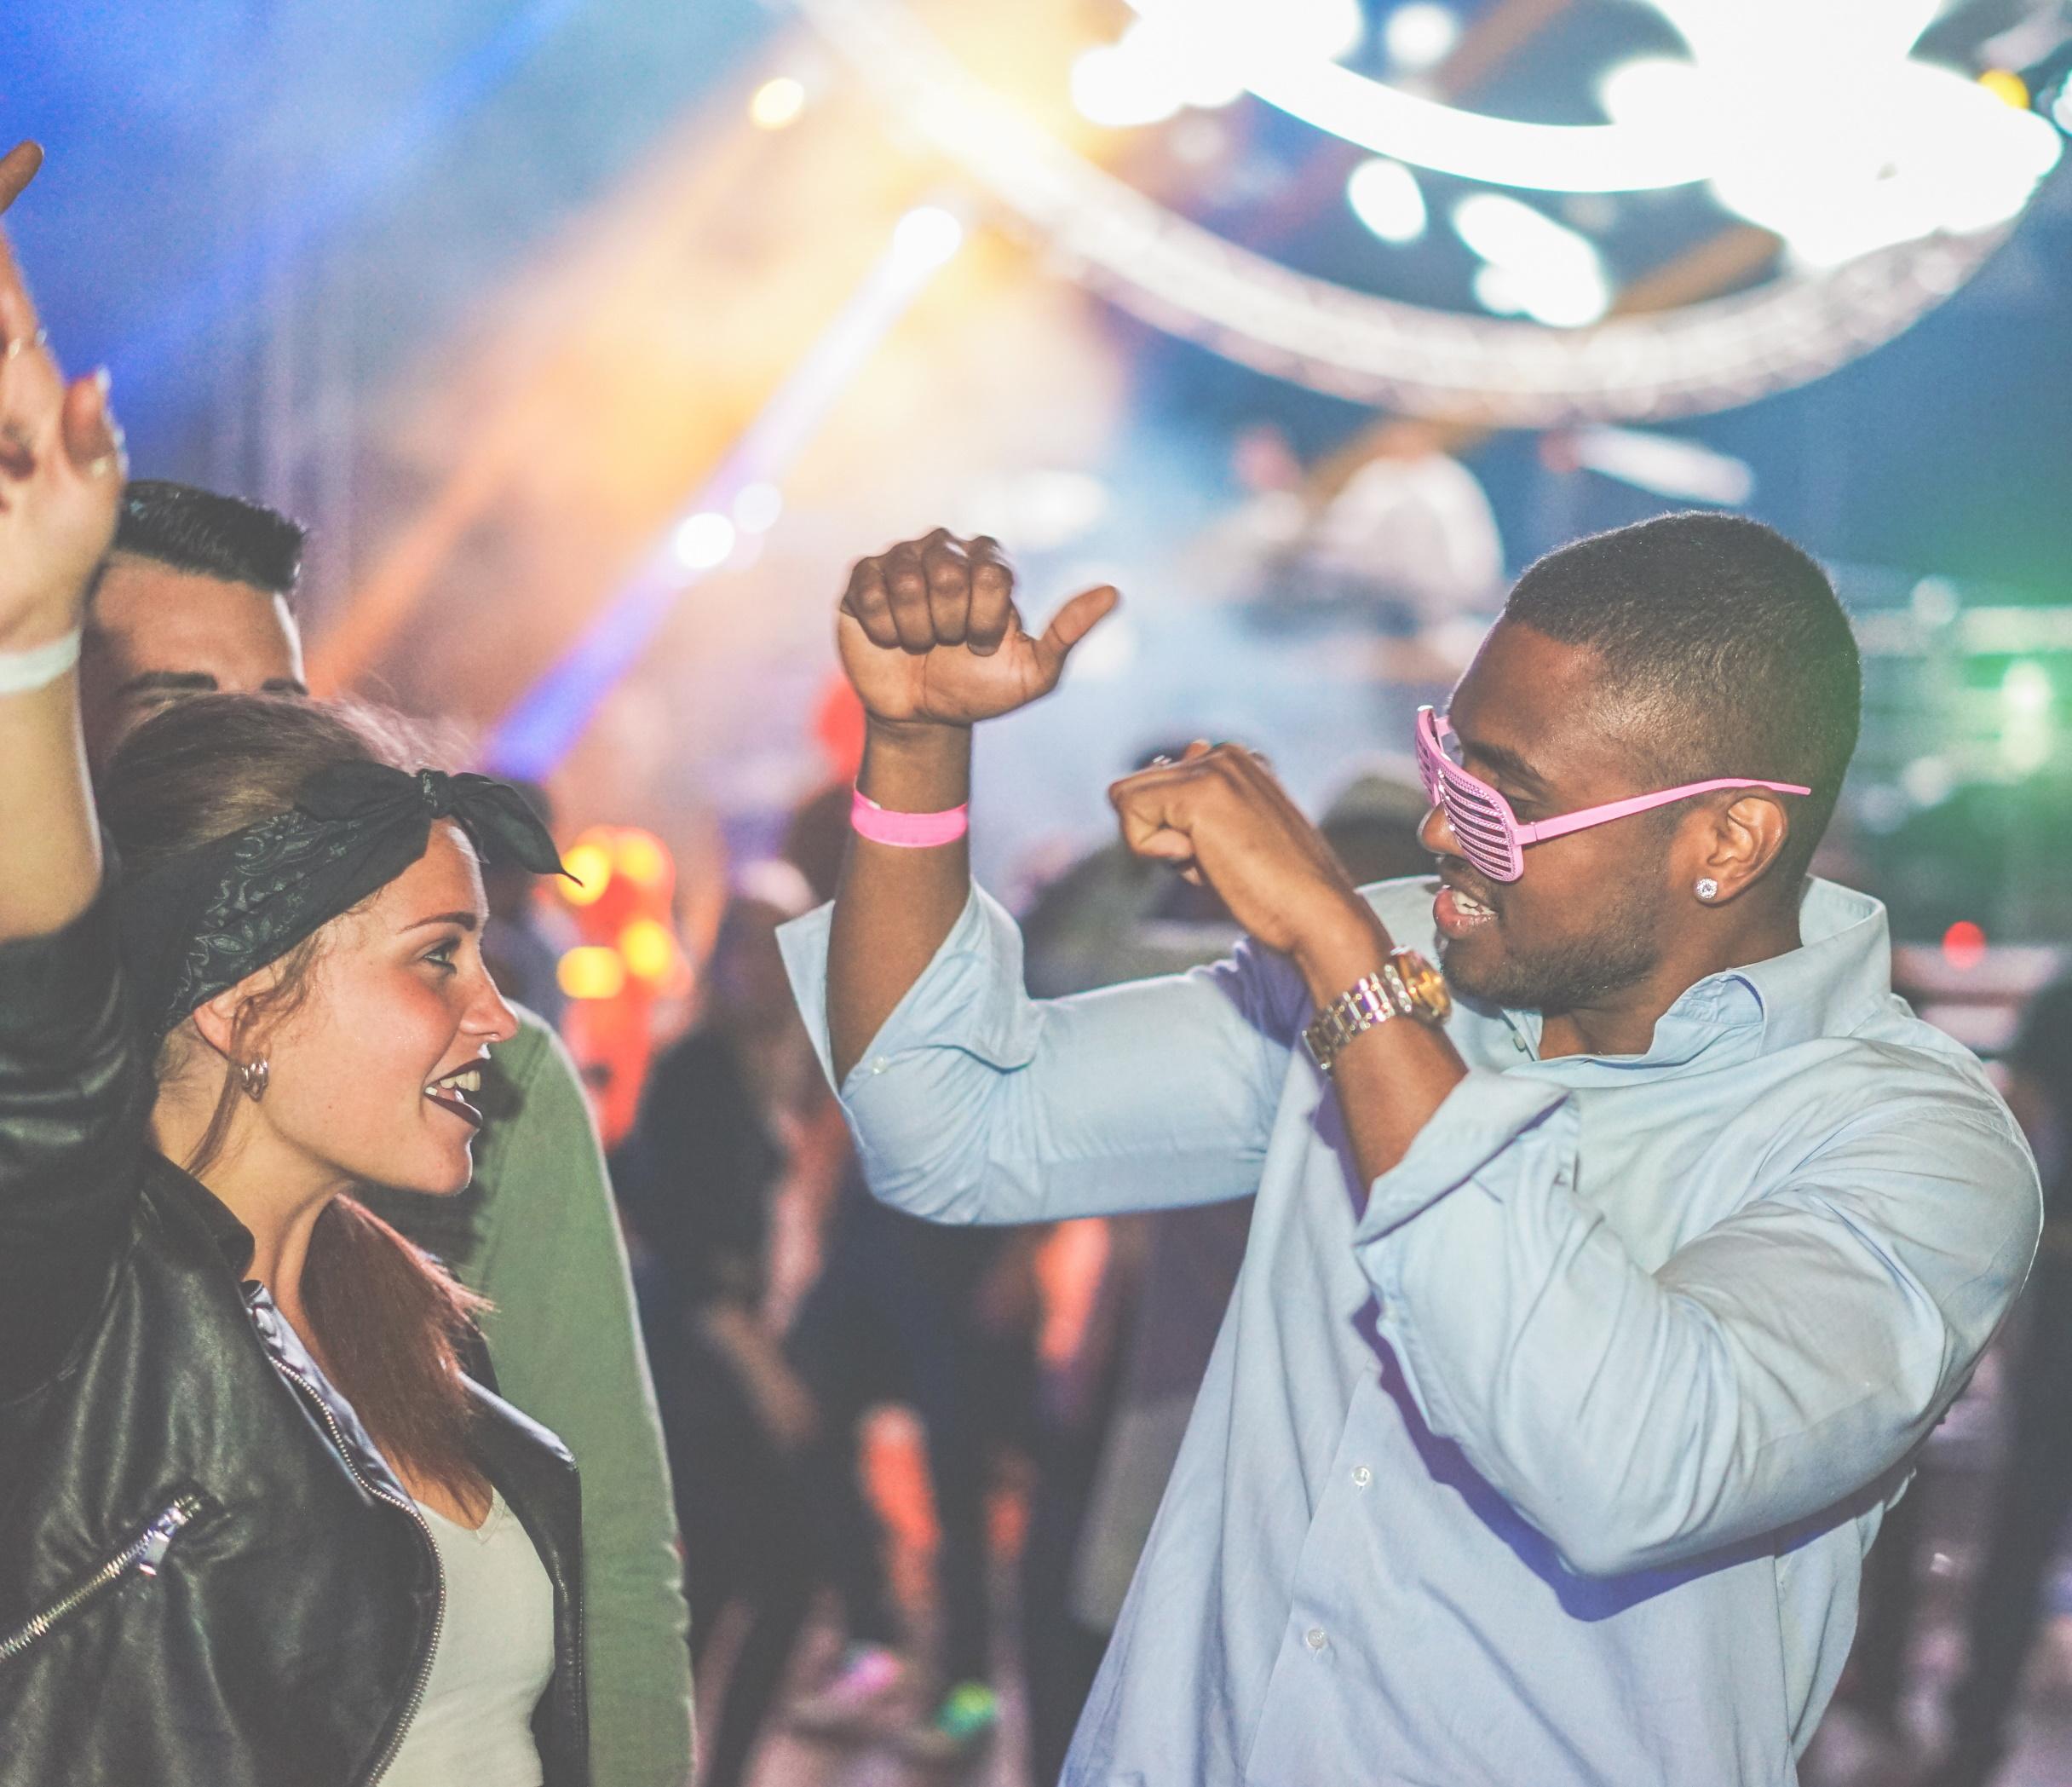 <p>Но градът, който никога не спи, също предлага разнообразие от забавления за всеки тип купонджия. Повечето местни знаят, че най-добрите партита не са през уикенда. Най-модерните места са край Бруклин.</p>